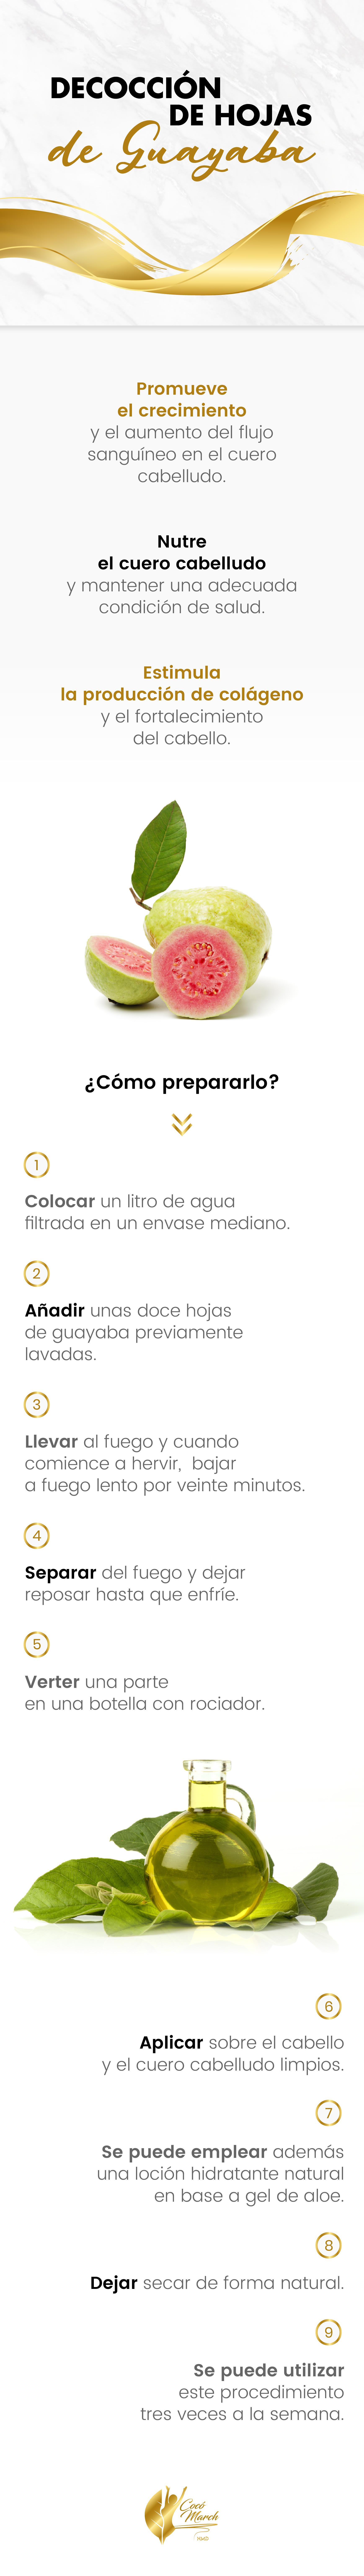 Decocción-de-hojas-de-guayaba